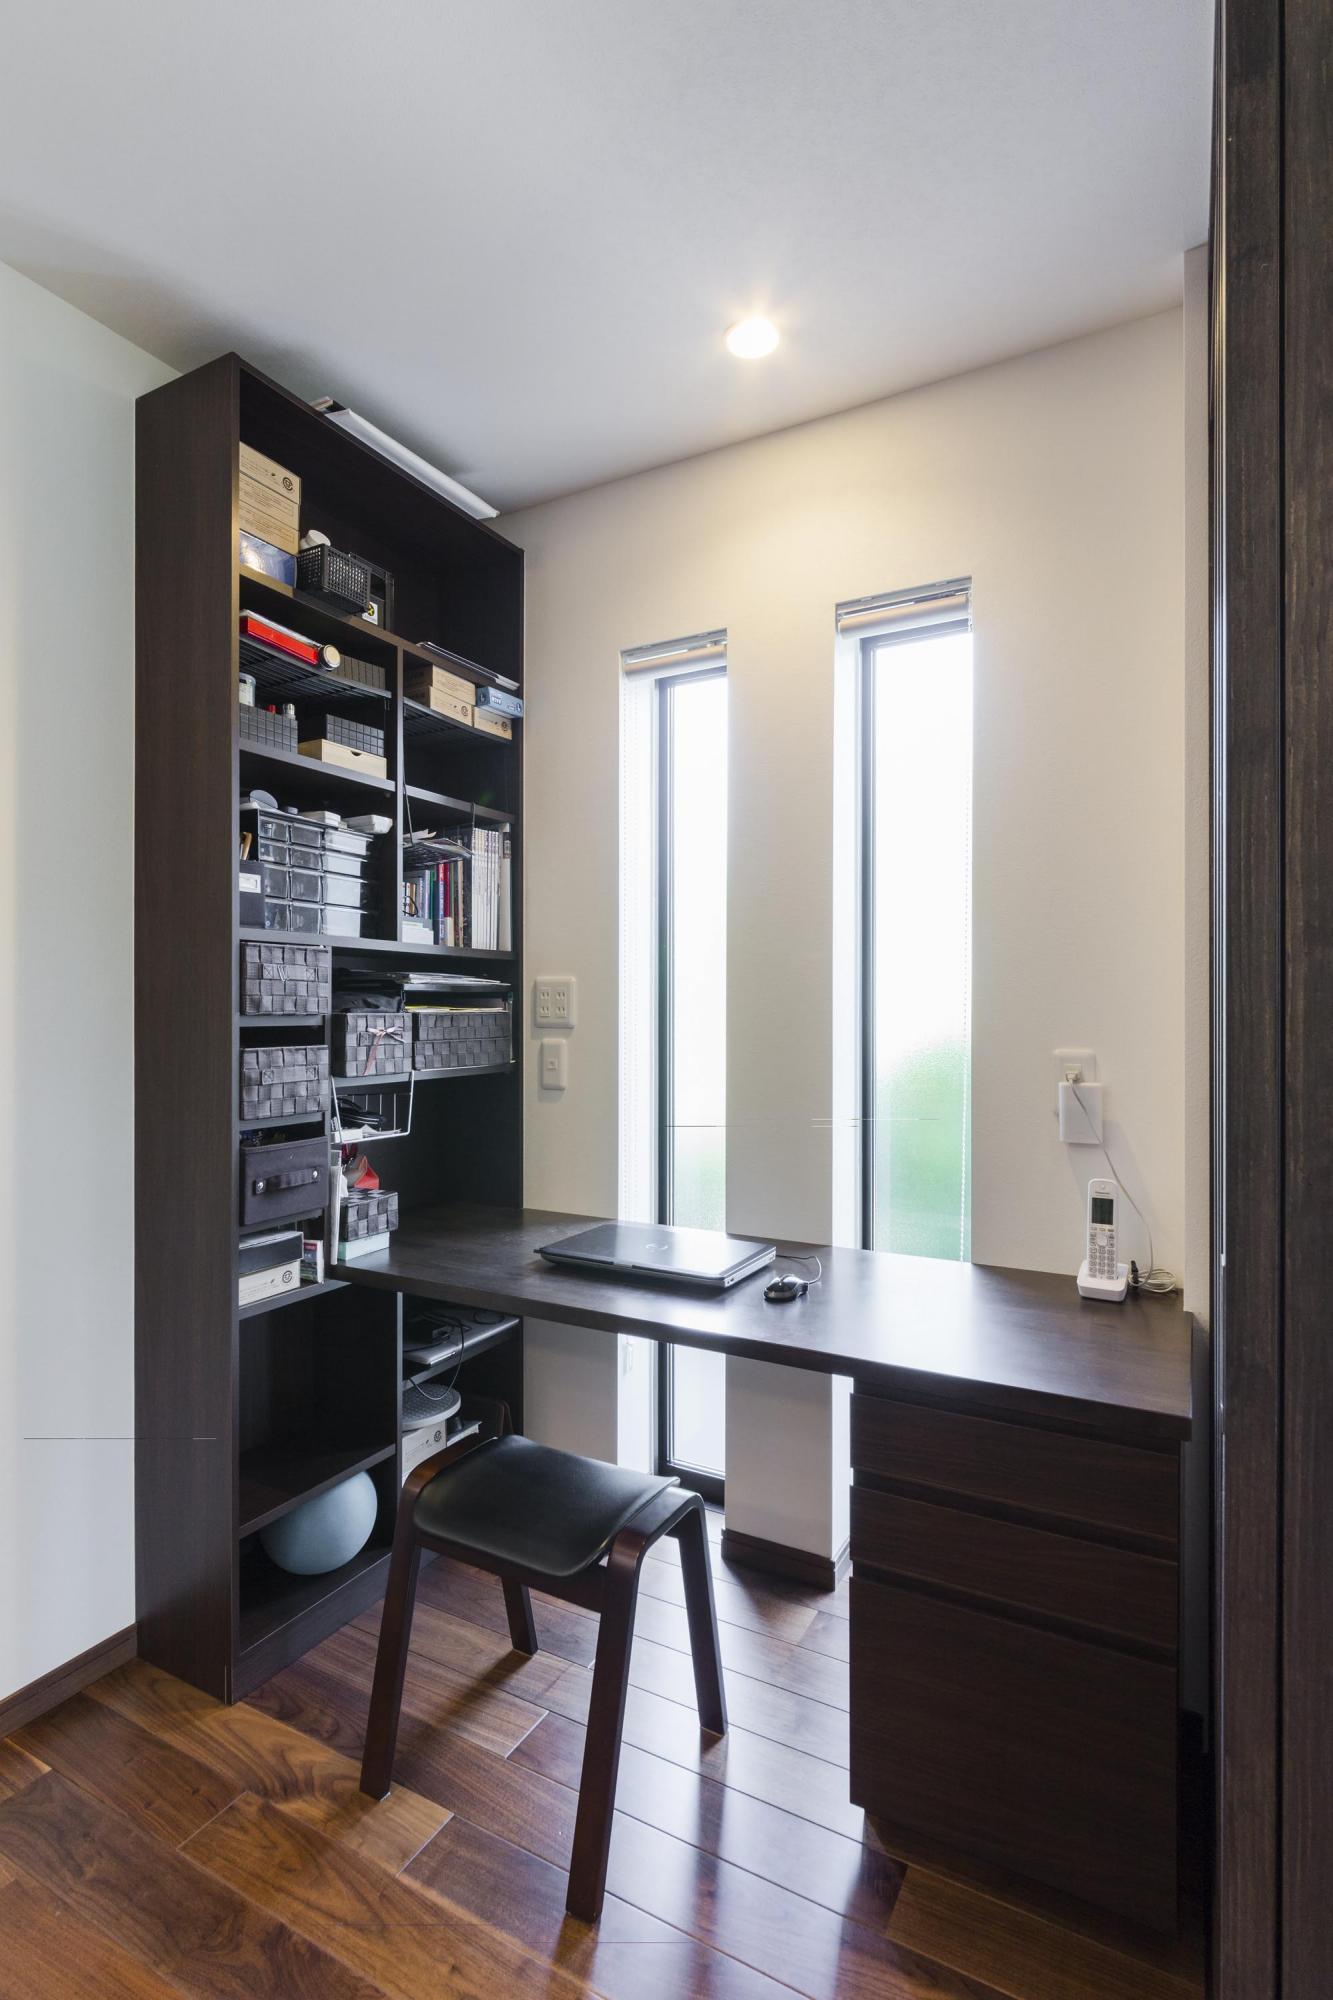 DKの空間に家事コーナーを設けた。カウンターは当社オリジナル造作家具シリーズを採用。縦長のスリット窓から光を取り入れている。